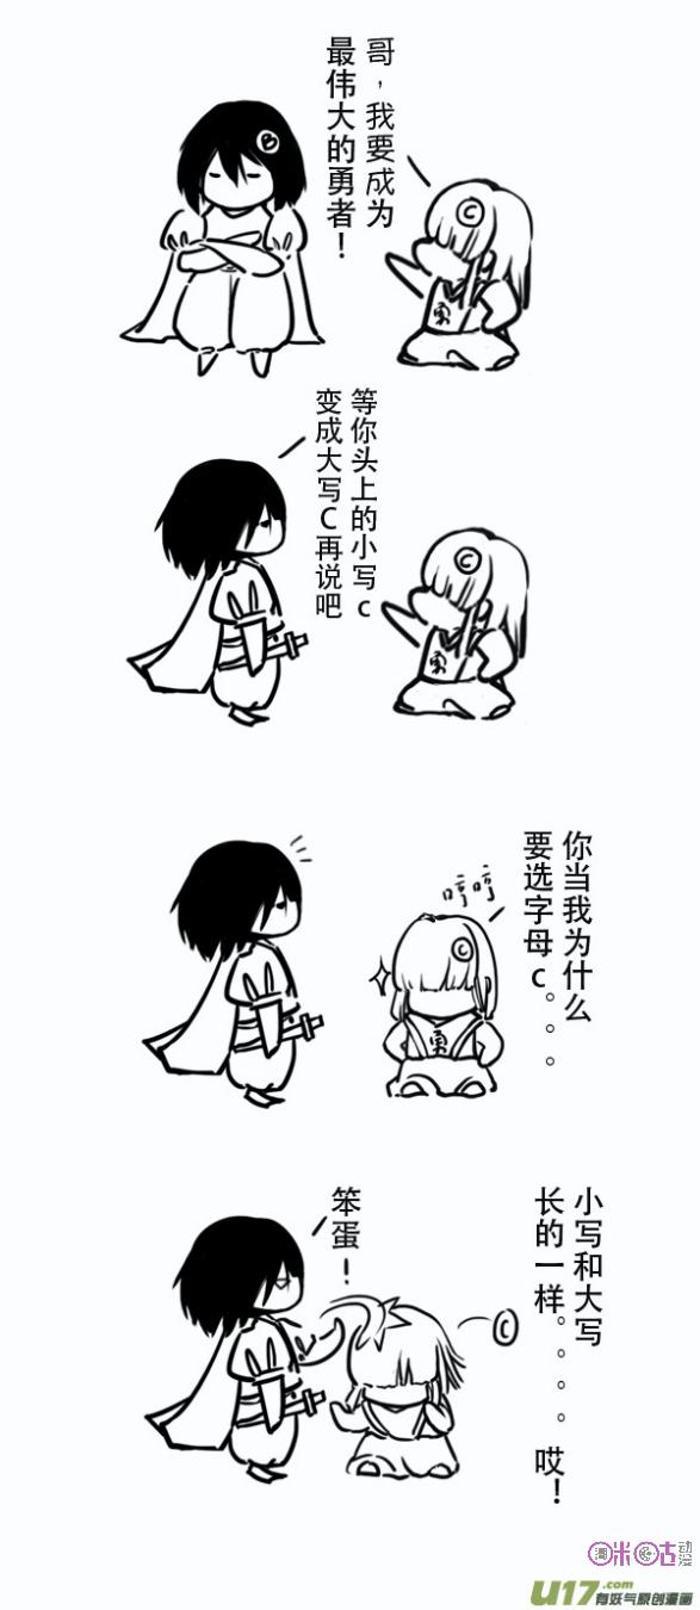 勇者B+c